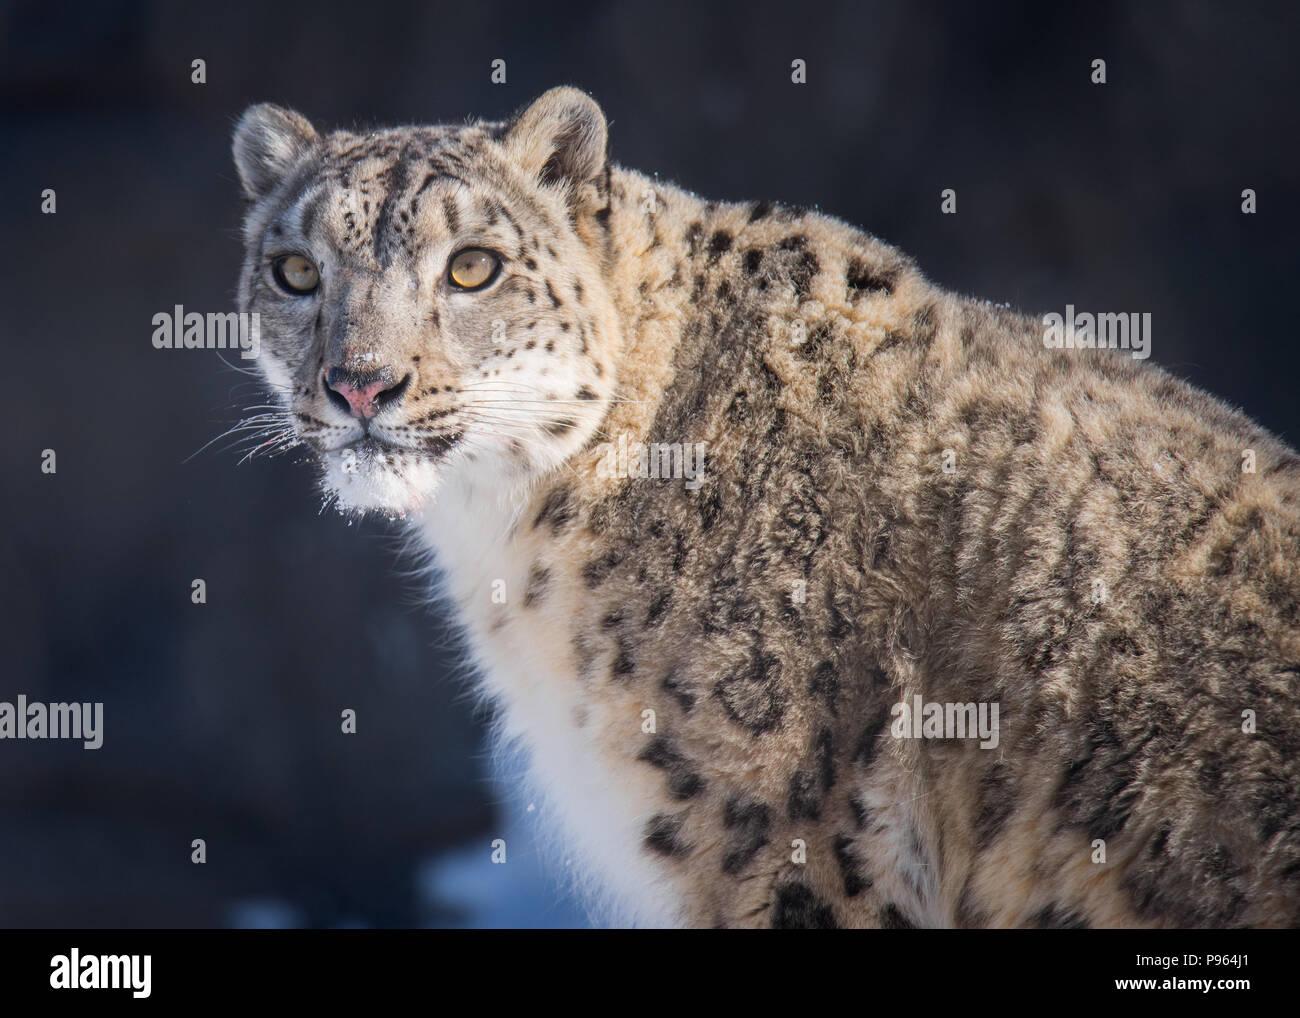 Ein snow leopard namens Ena Fänge die Morgensonne auf dem Toronto Zoo, wo sie ist Teil einer Zucht in Gefangenschaft Programm für diese gefährdete Arten. Stockbild